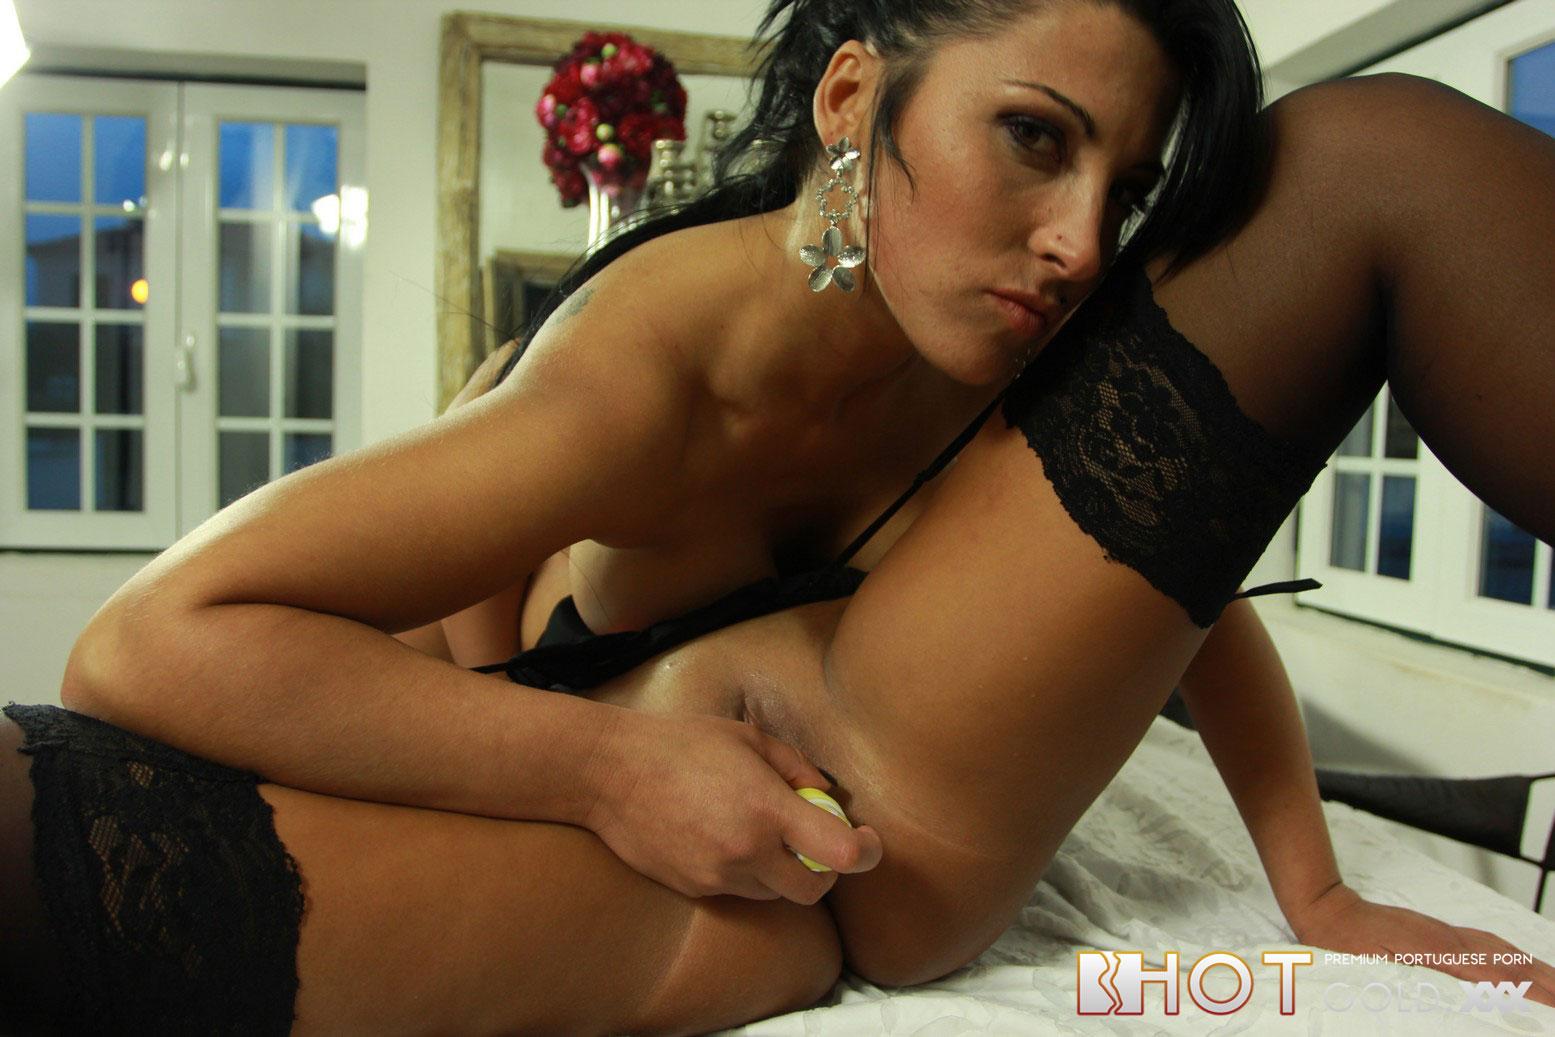 lesbicas-a-lamber-o-prato-fotos-de-filme-porno-11